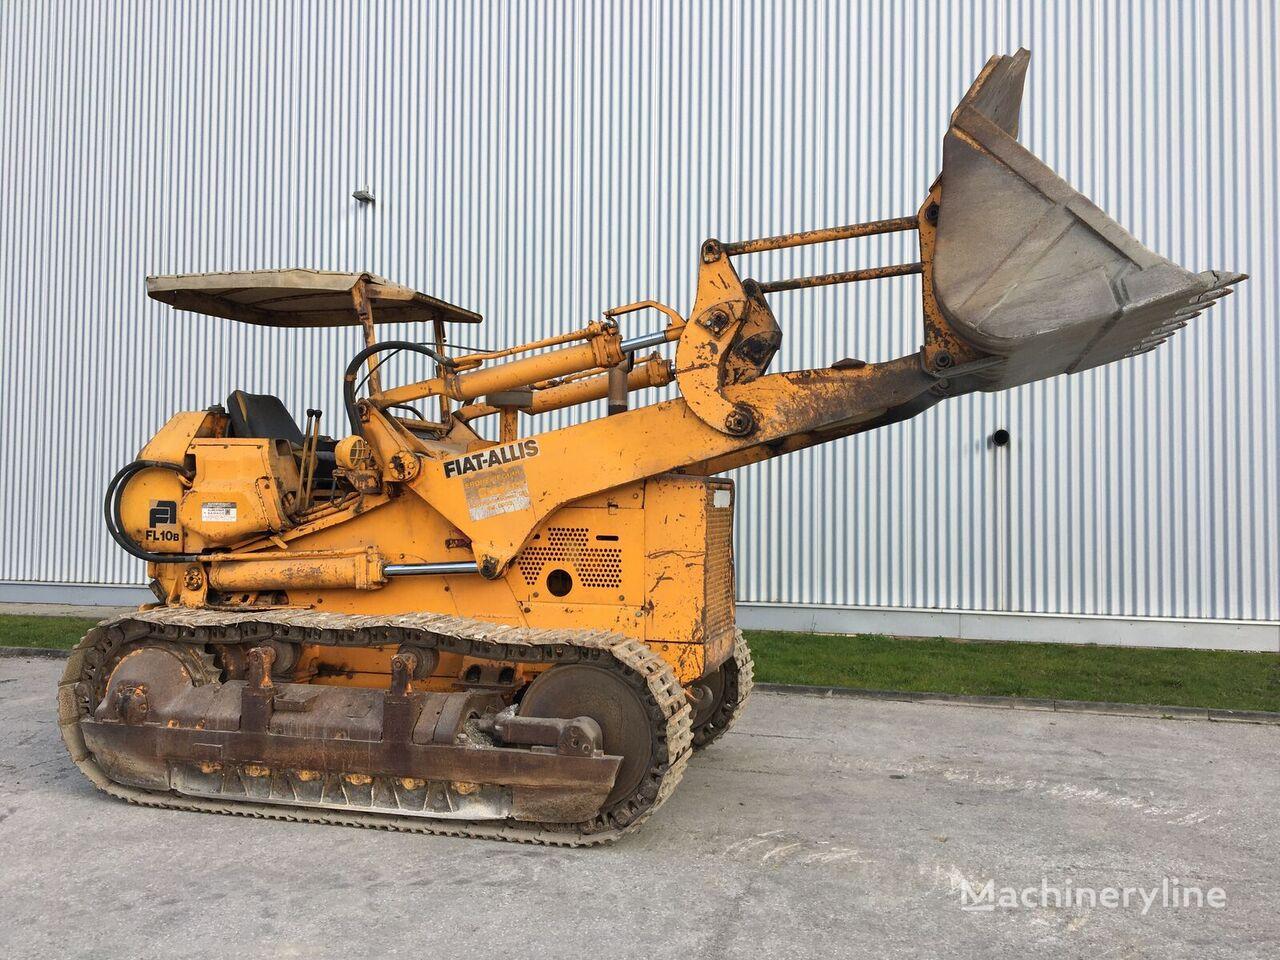 FIAT-ALLIS FL10B track loader